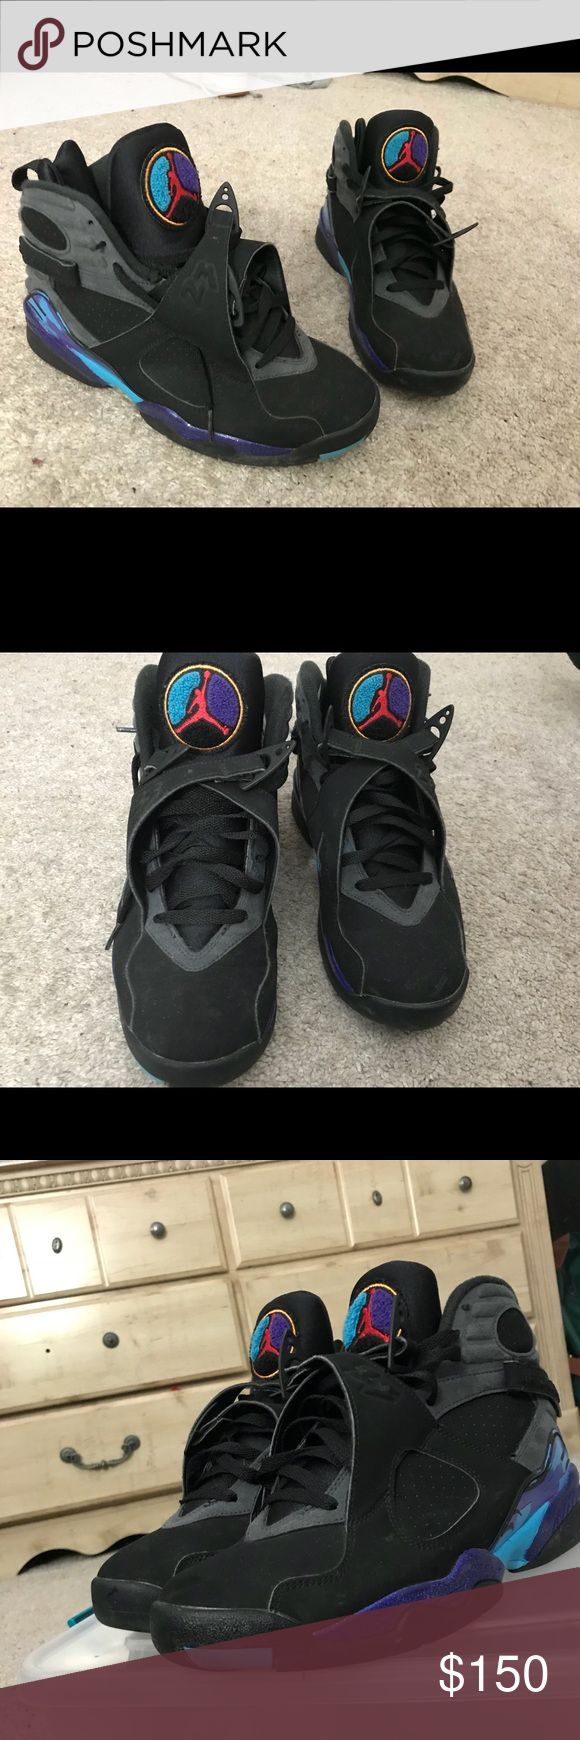 Aqua 8s jordan aqua 8 jordan very near deadstock Nike Shoes Sneakers